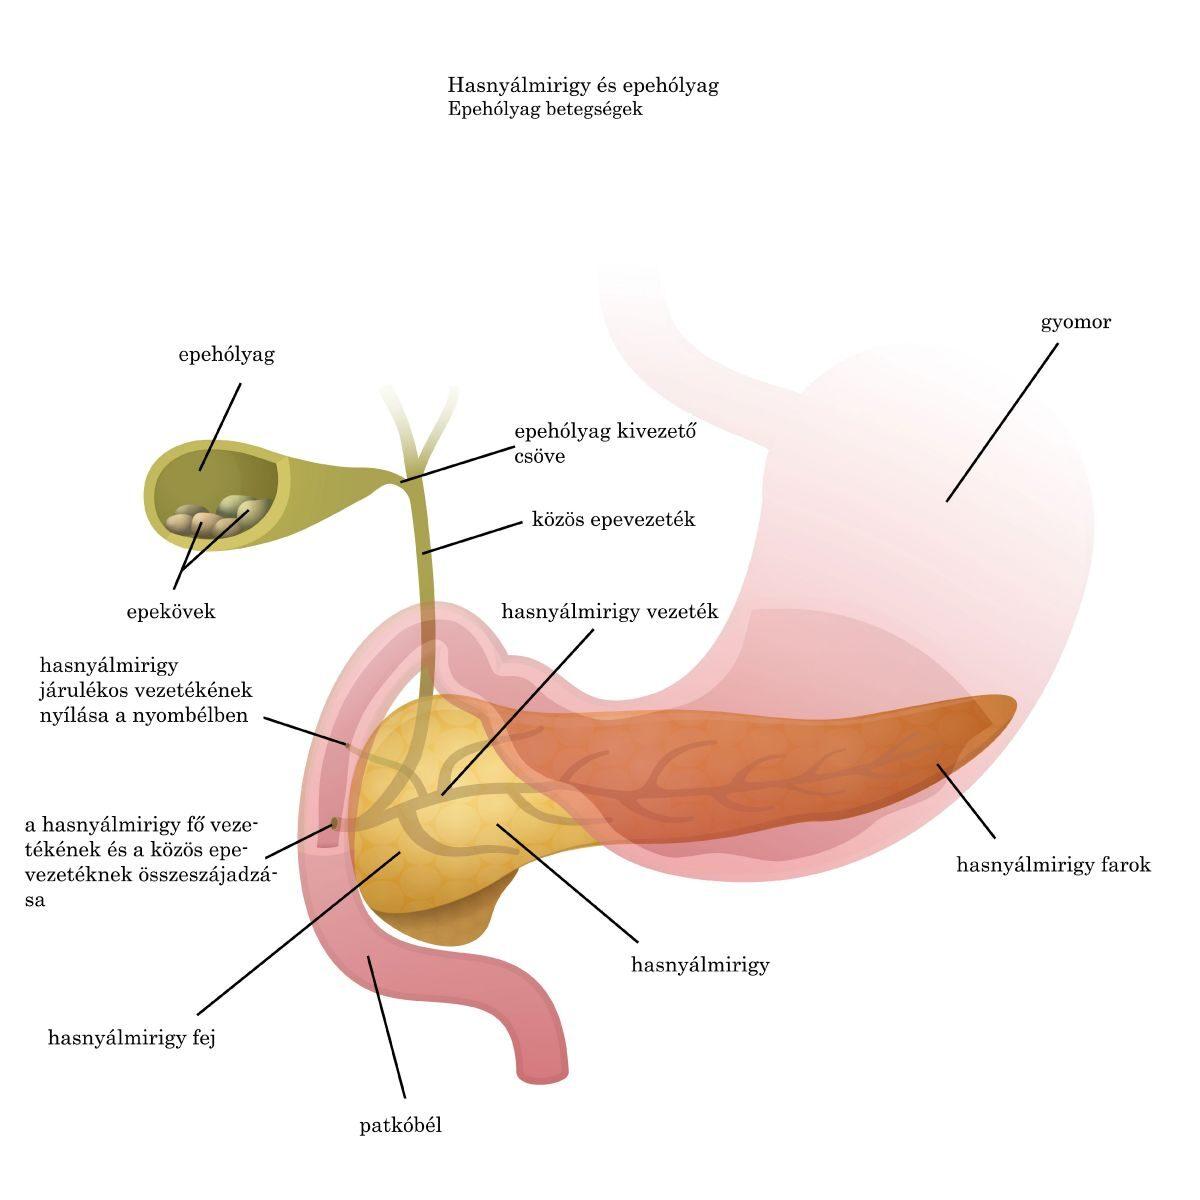 Mi a gyógymód az emberi test parazitáira?, Hogyan lehet megszabadulni a giardia parazitáiról